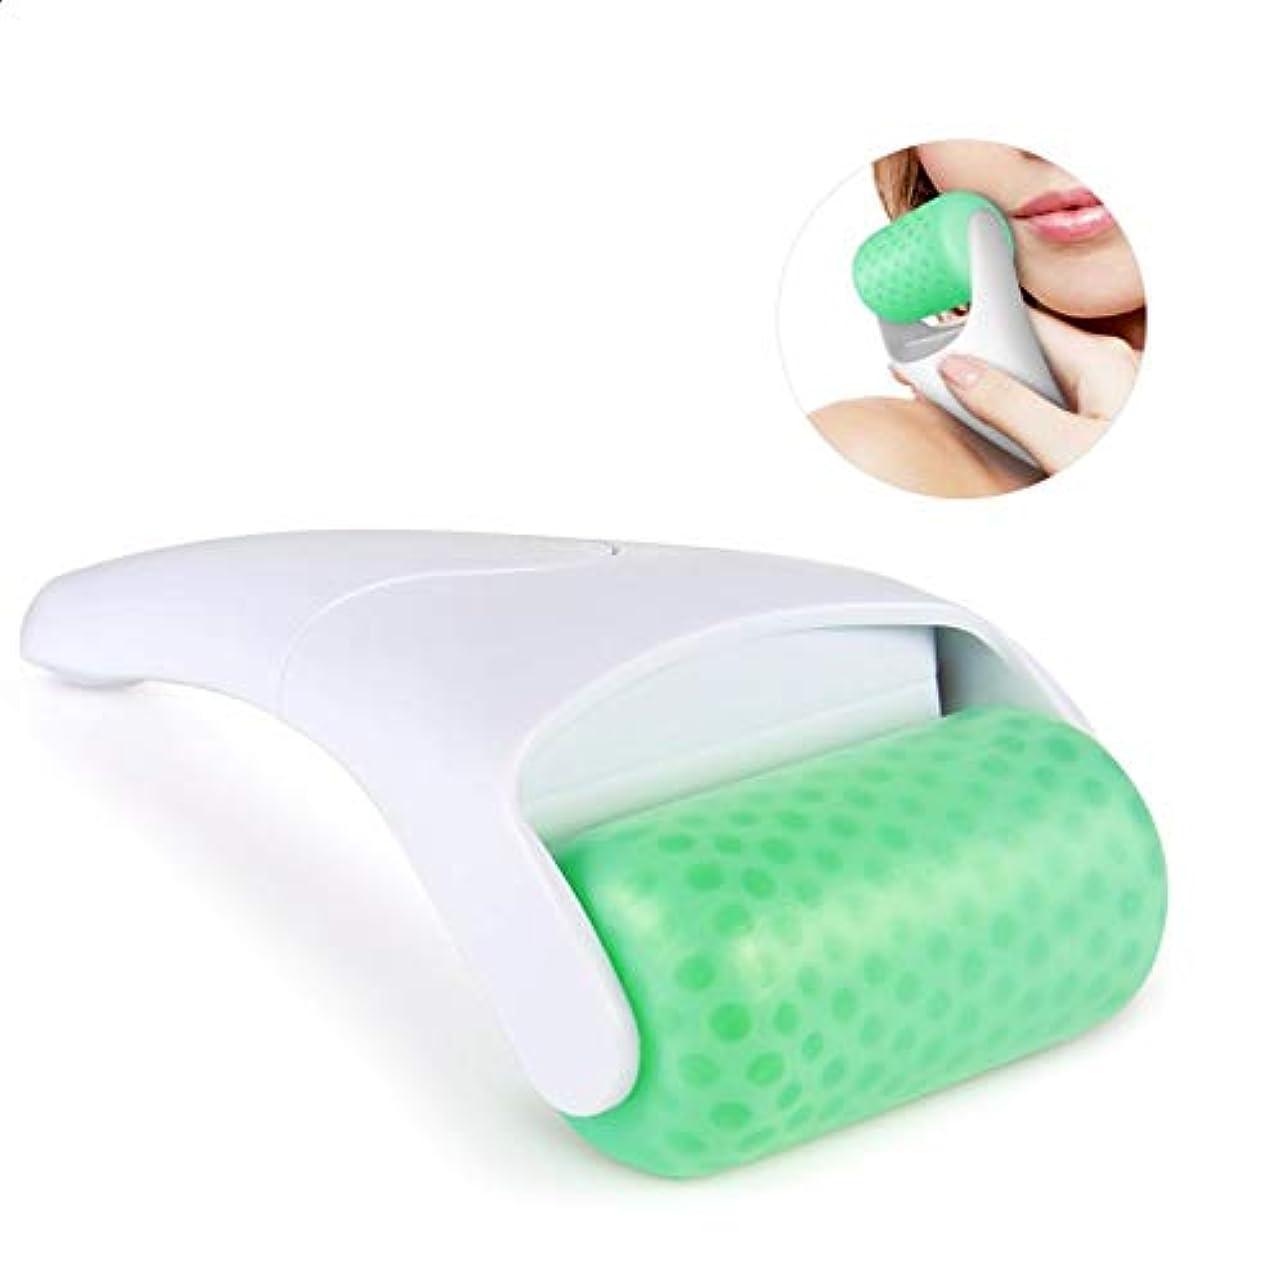 アイスロールフェイシャルリリーフケアローラー擦り傷をするためのリアルナスジェイドボディリラクゼーションアンチエイジングツールでダークサークルとふくらんでいる目の治療のしわを減らす